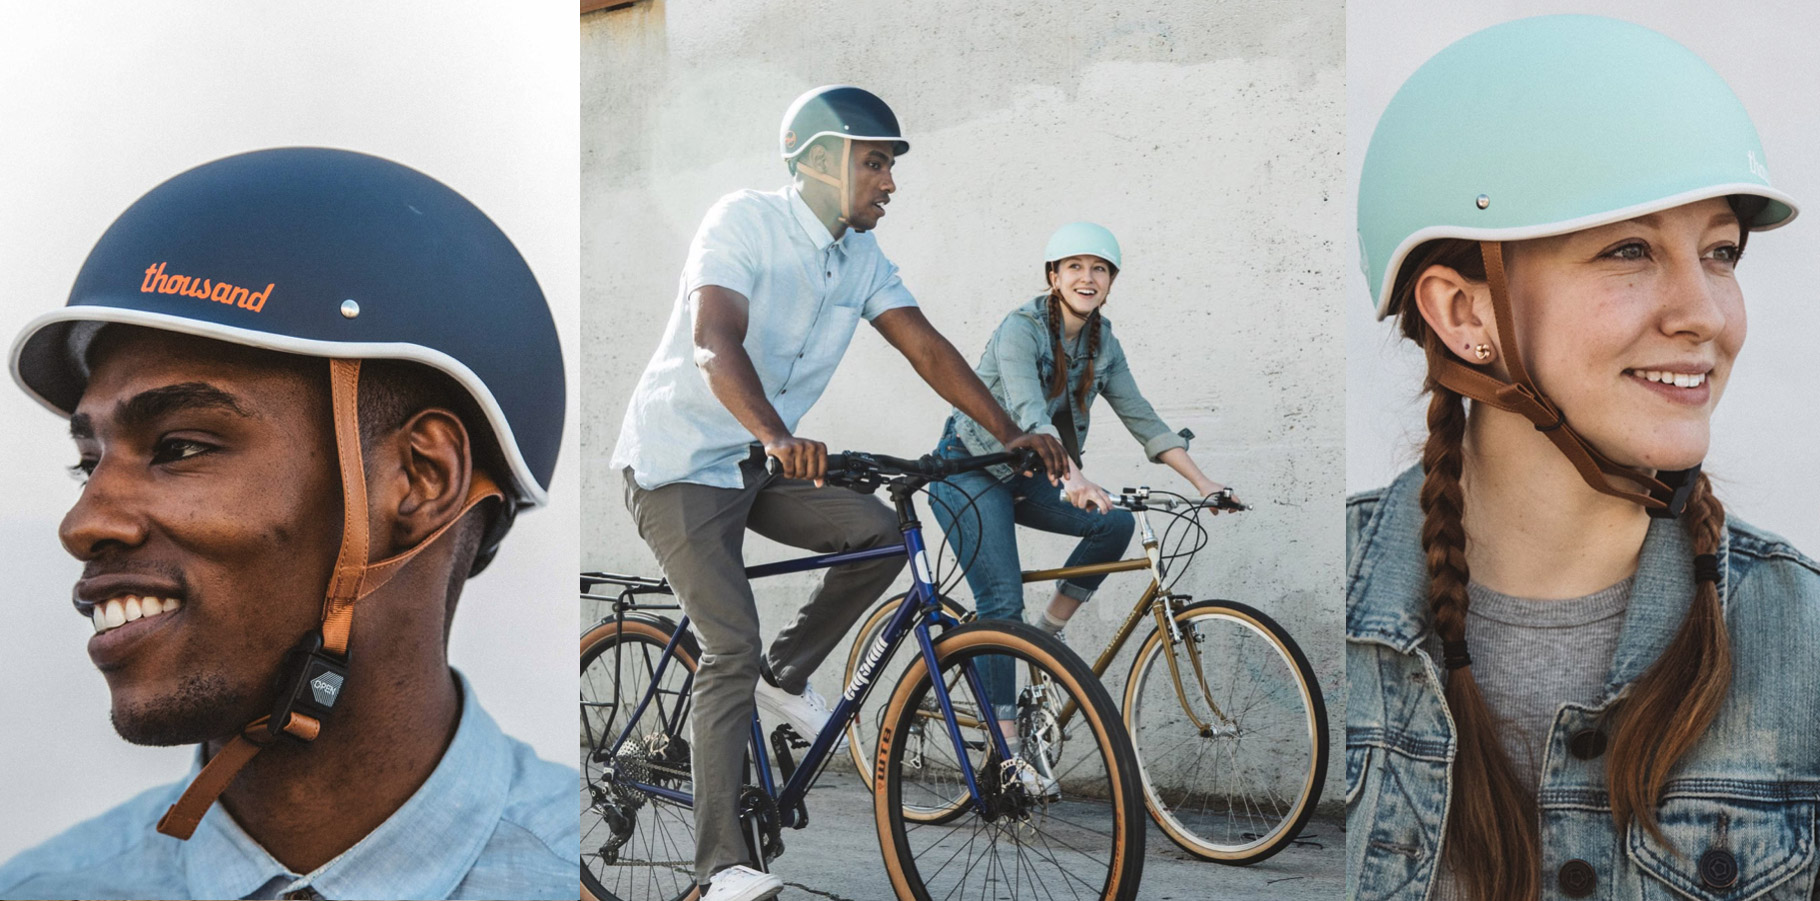 Thousand-cyklisticka-skate-prilba